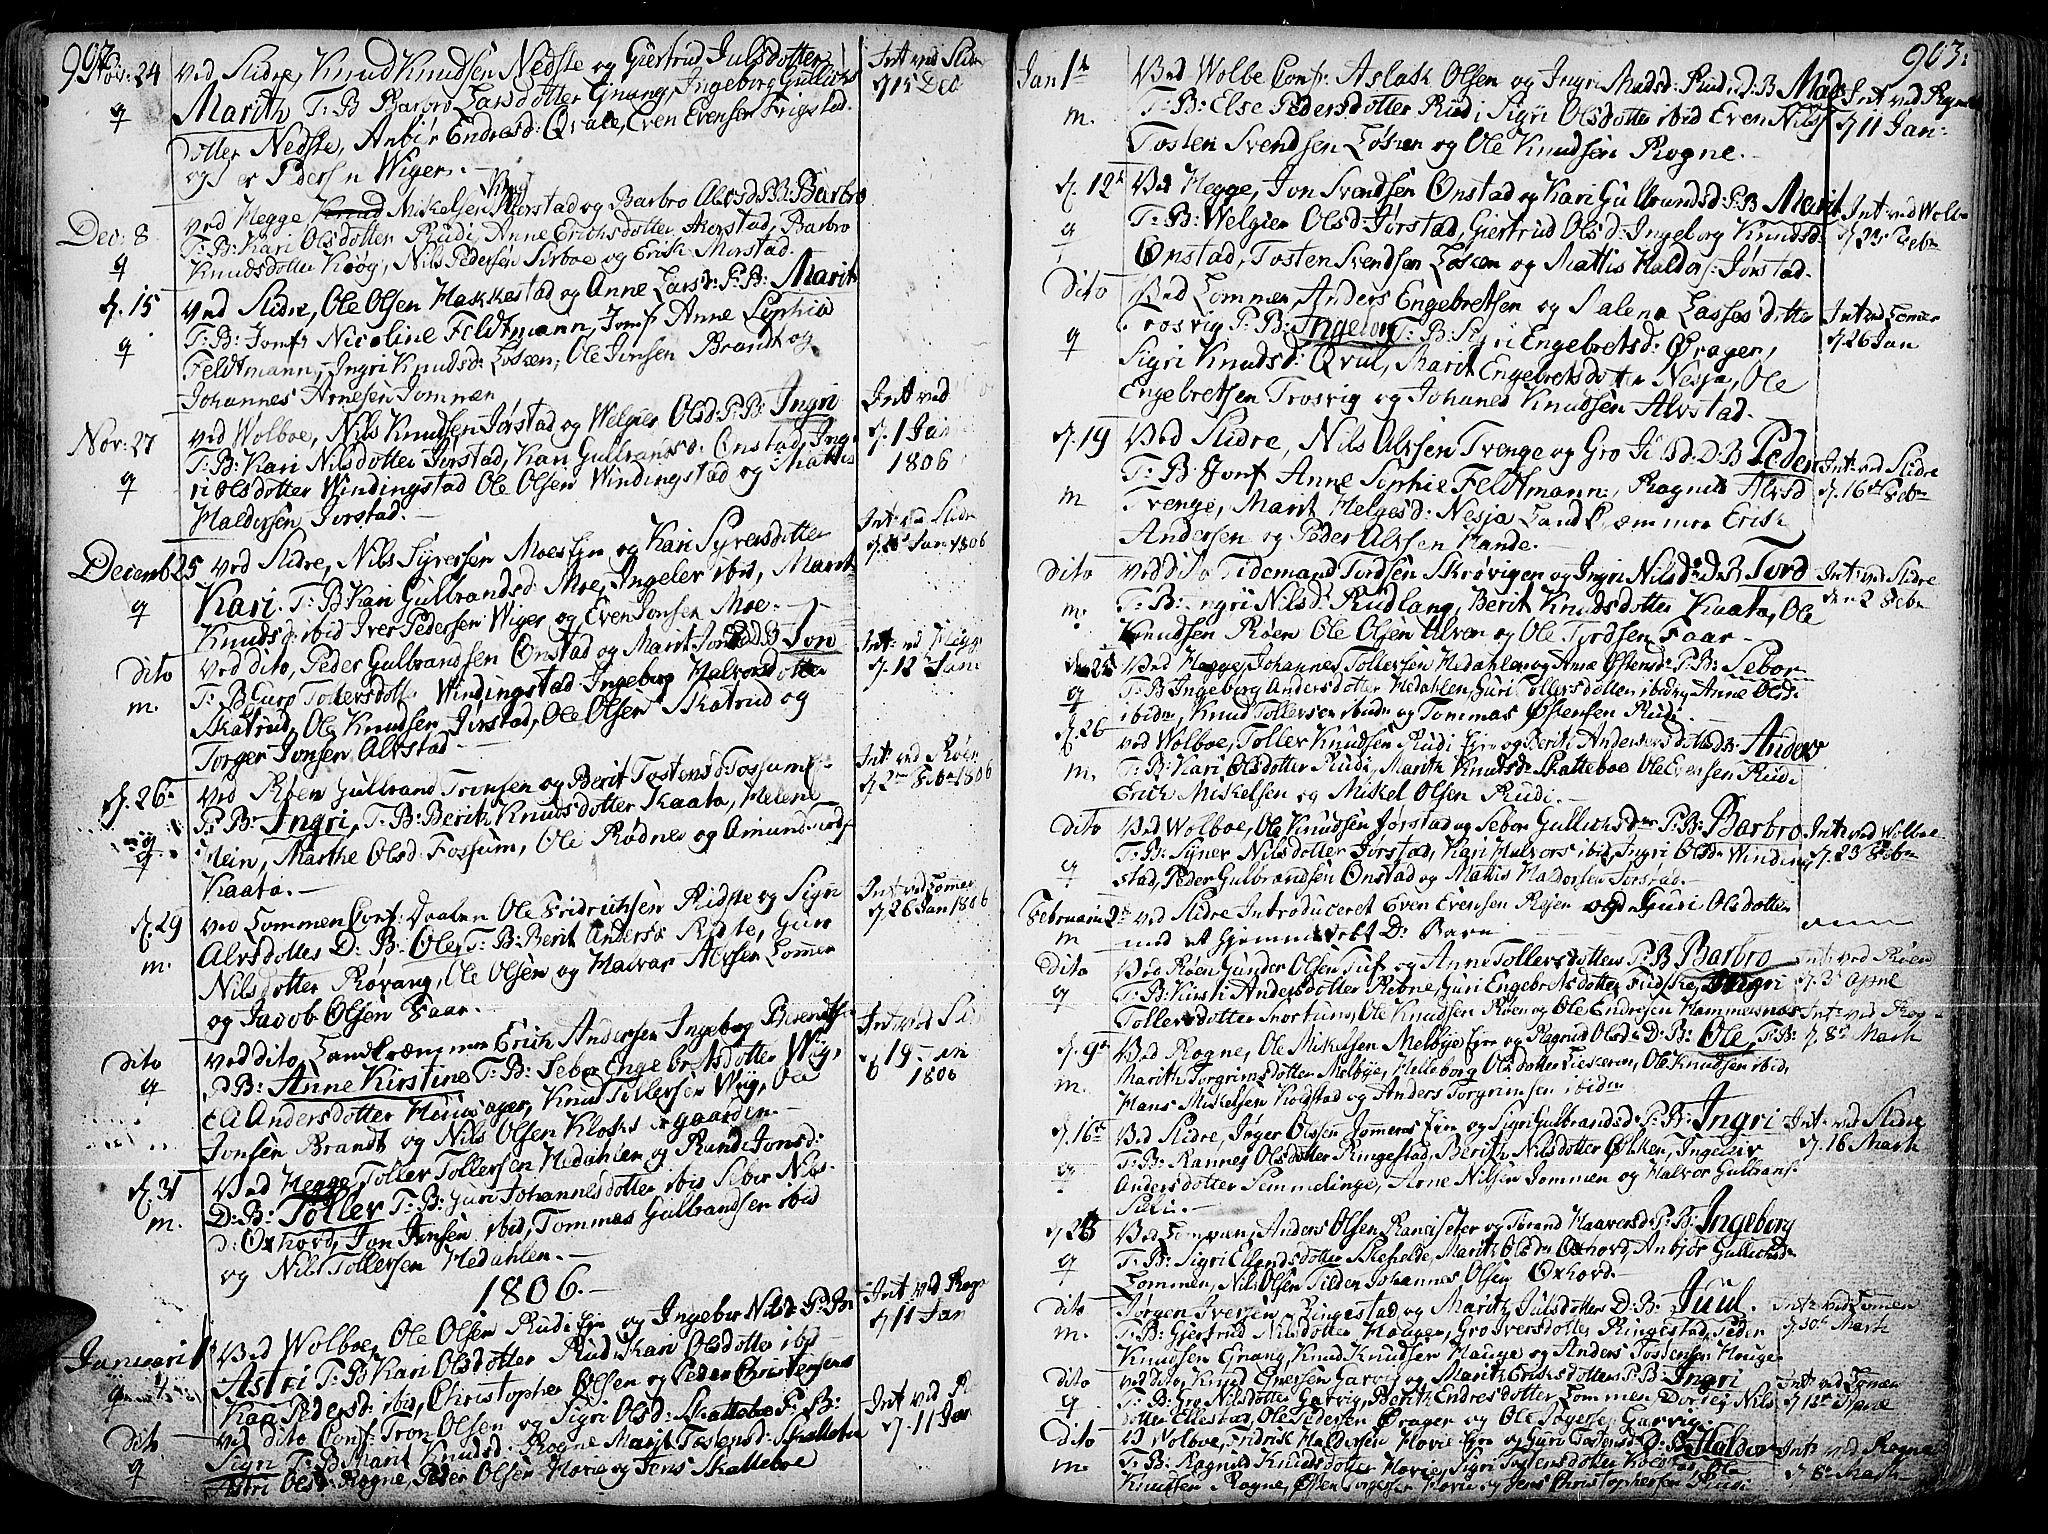 SAH, Slidre prestekontor, Ministerialbok nr. 1, 1724-1814, s. 902-903